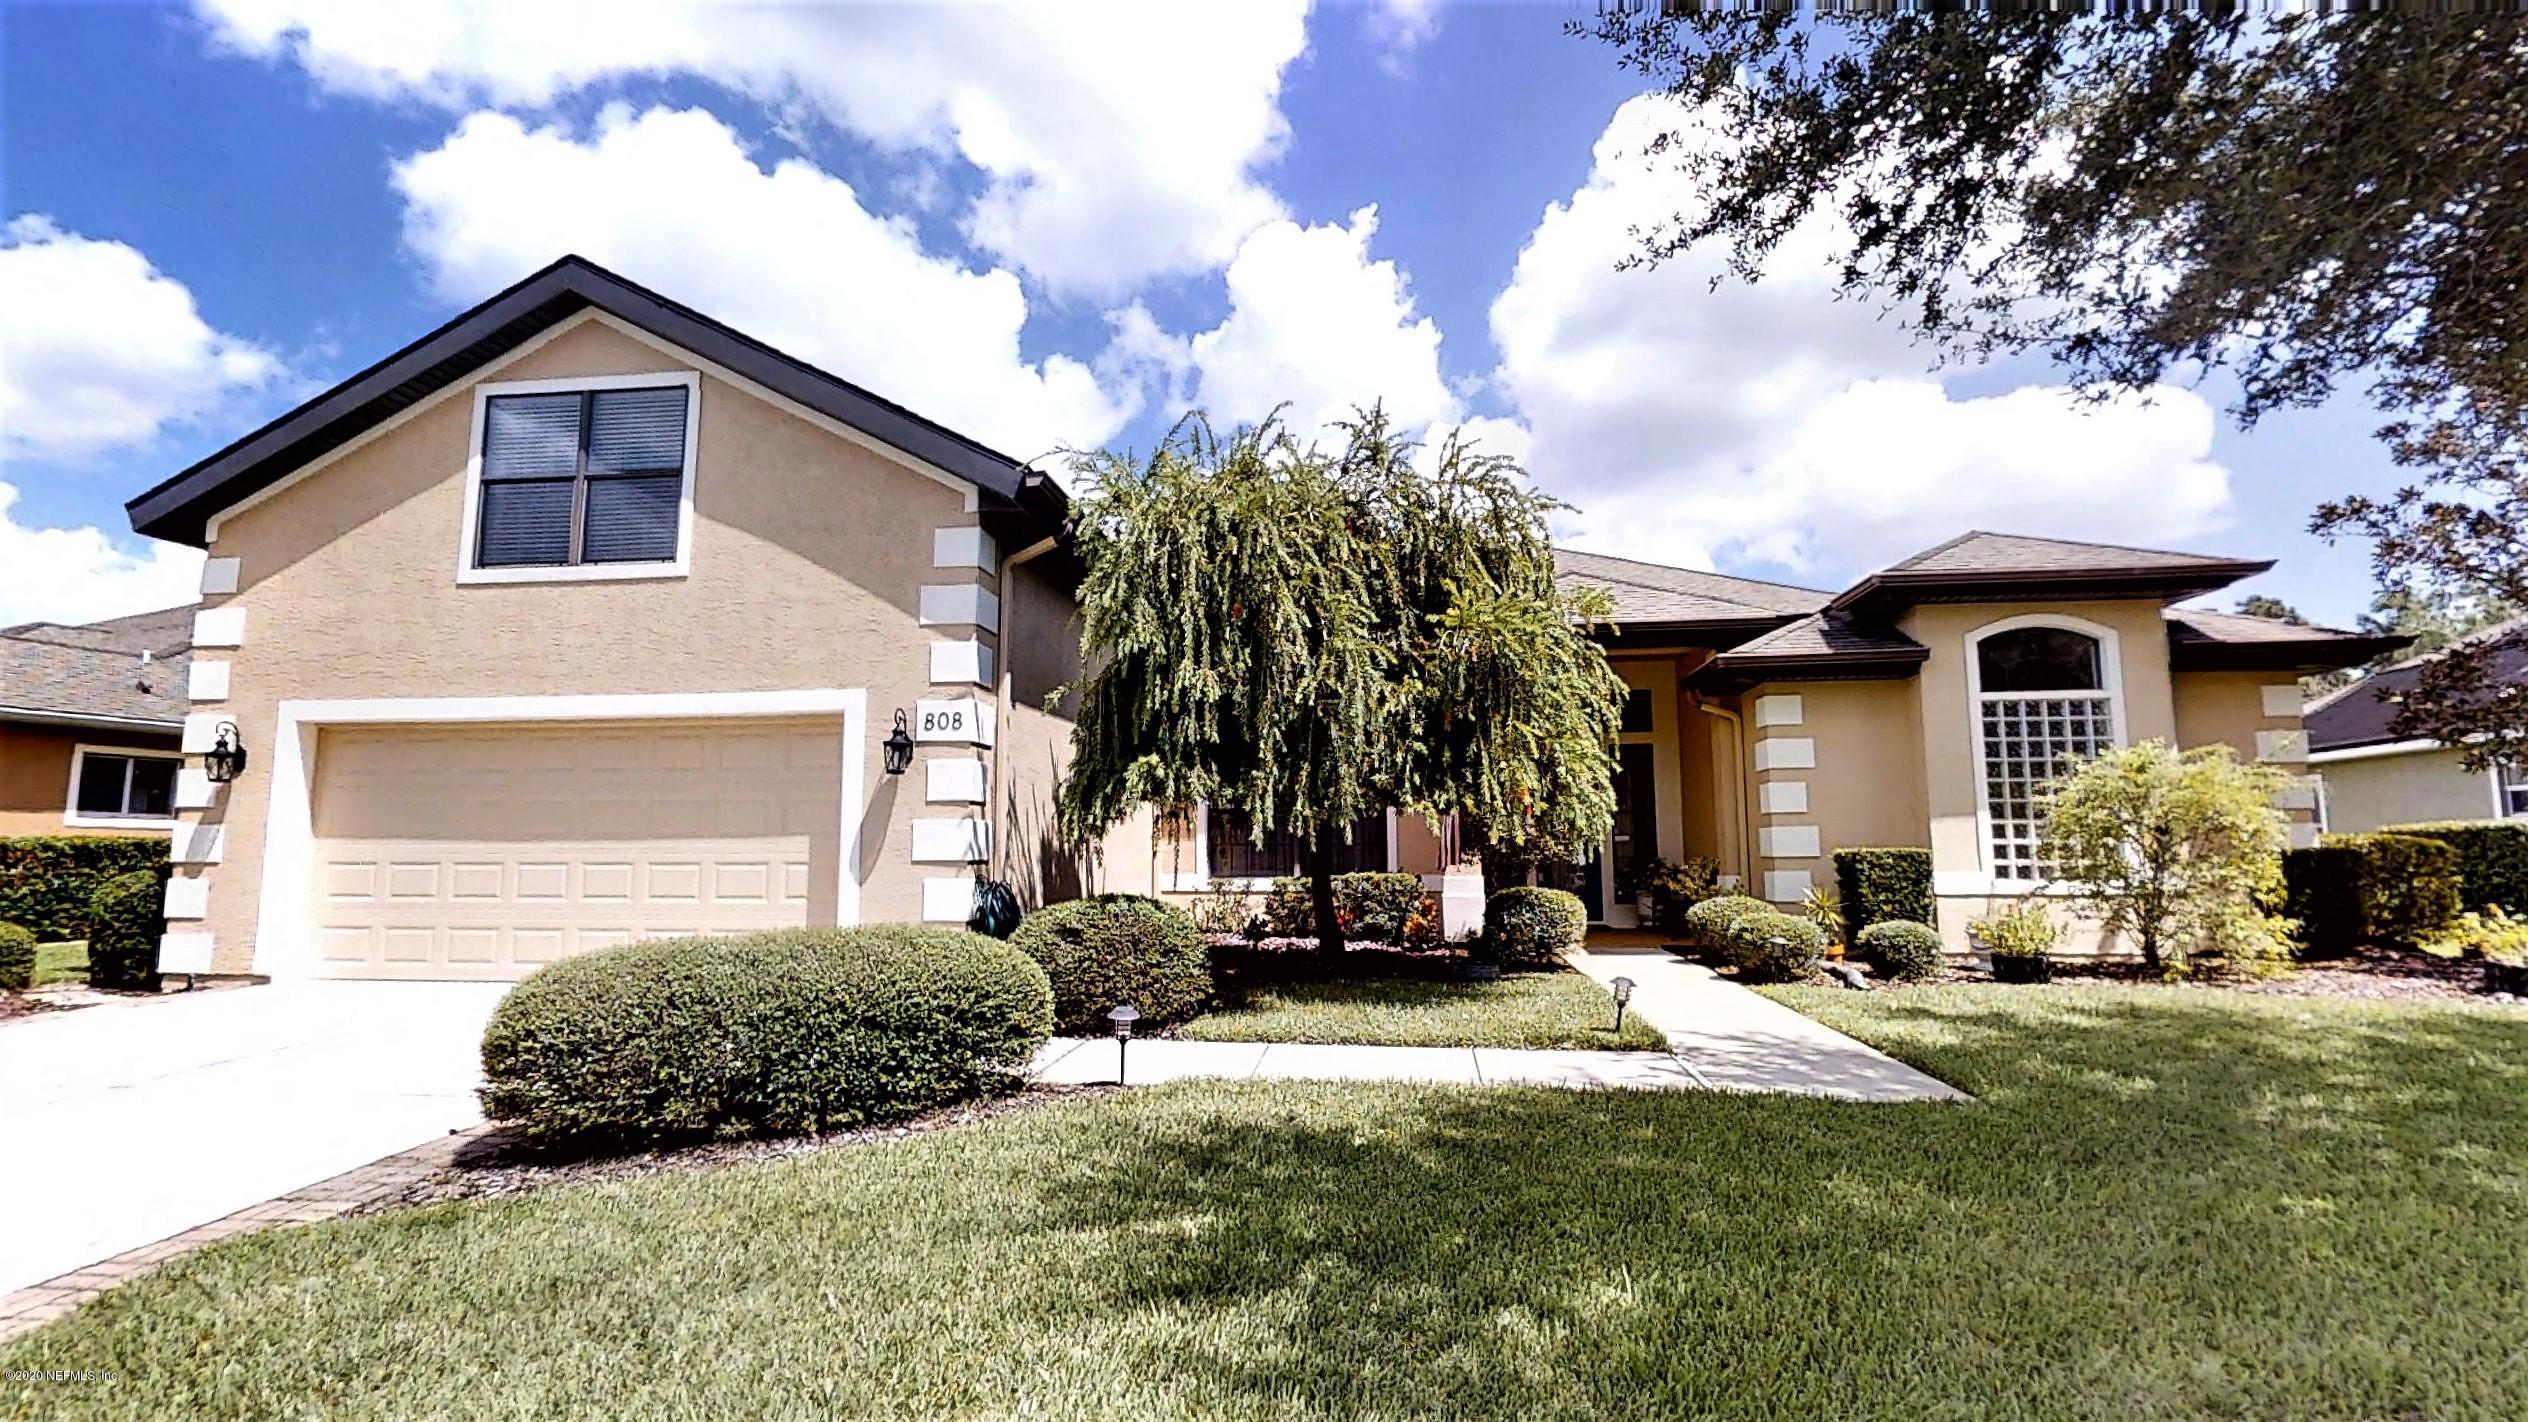 808 WESTLAKE, ORMOND BEACH, FLORIDA 32174, 5 Bedrooms Bedrooms, ,3 BathroomsBathrooms,Residential,For sale,WESTLAKE,1073468